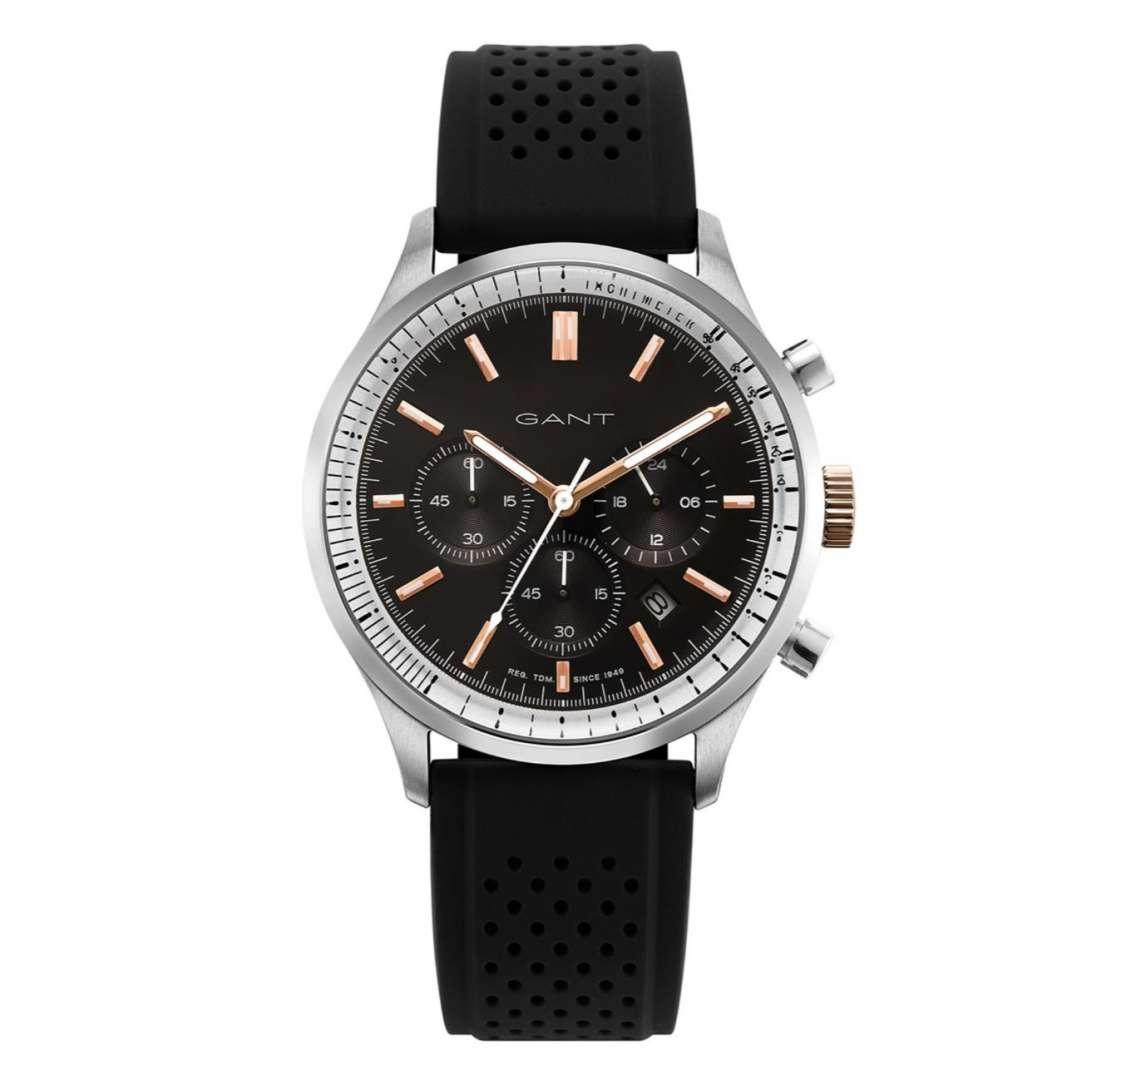 שעון יד אנלוגי gant gt080009 גאנט